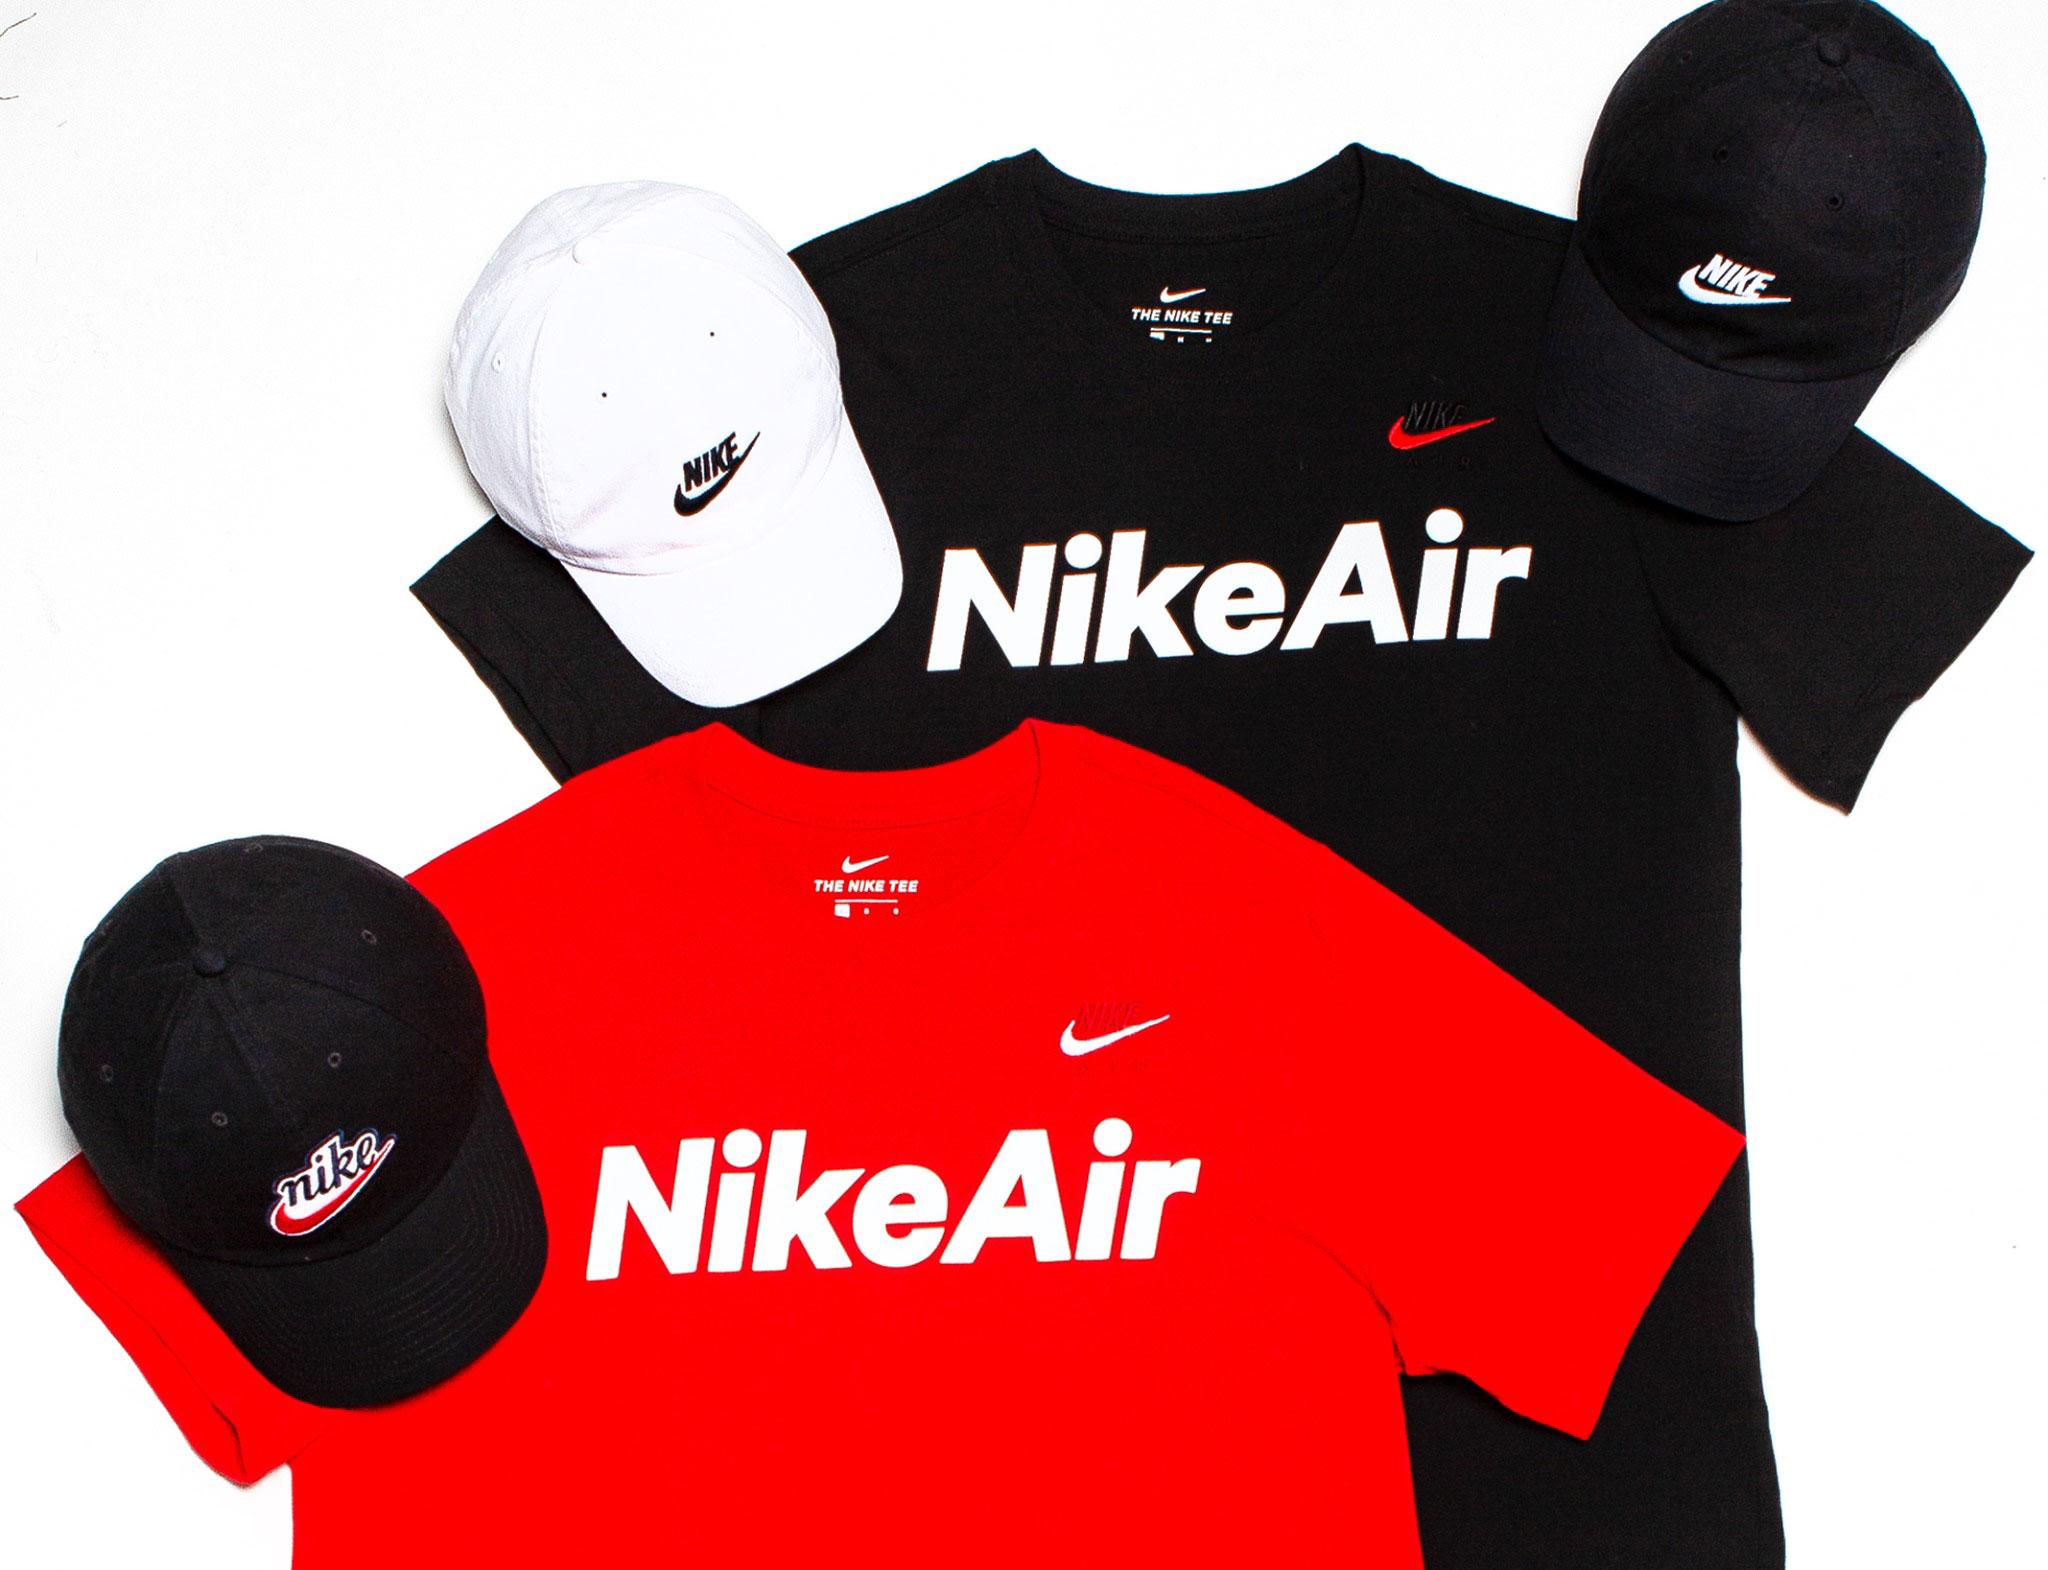 nike-air-tees-and-hats